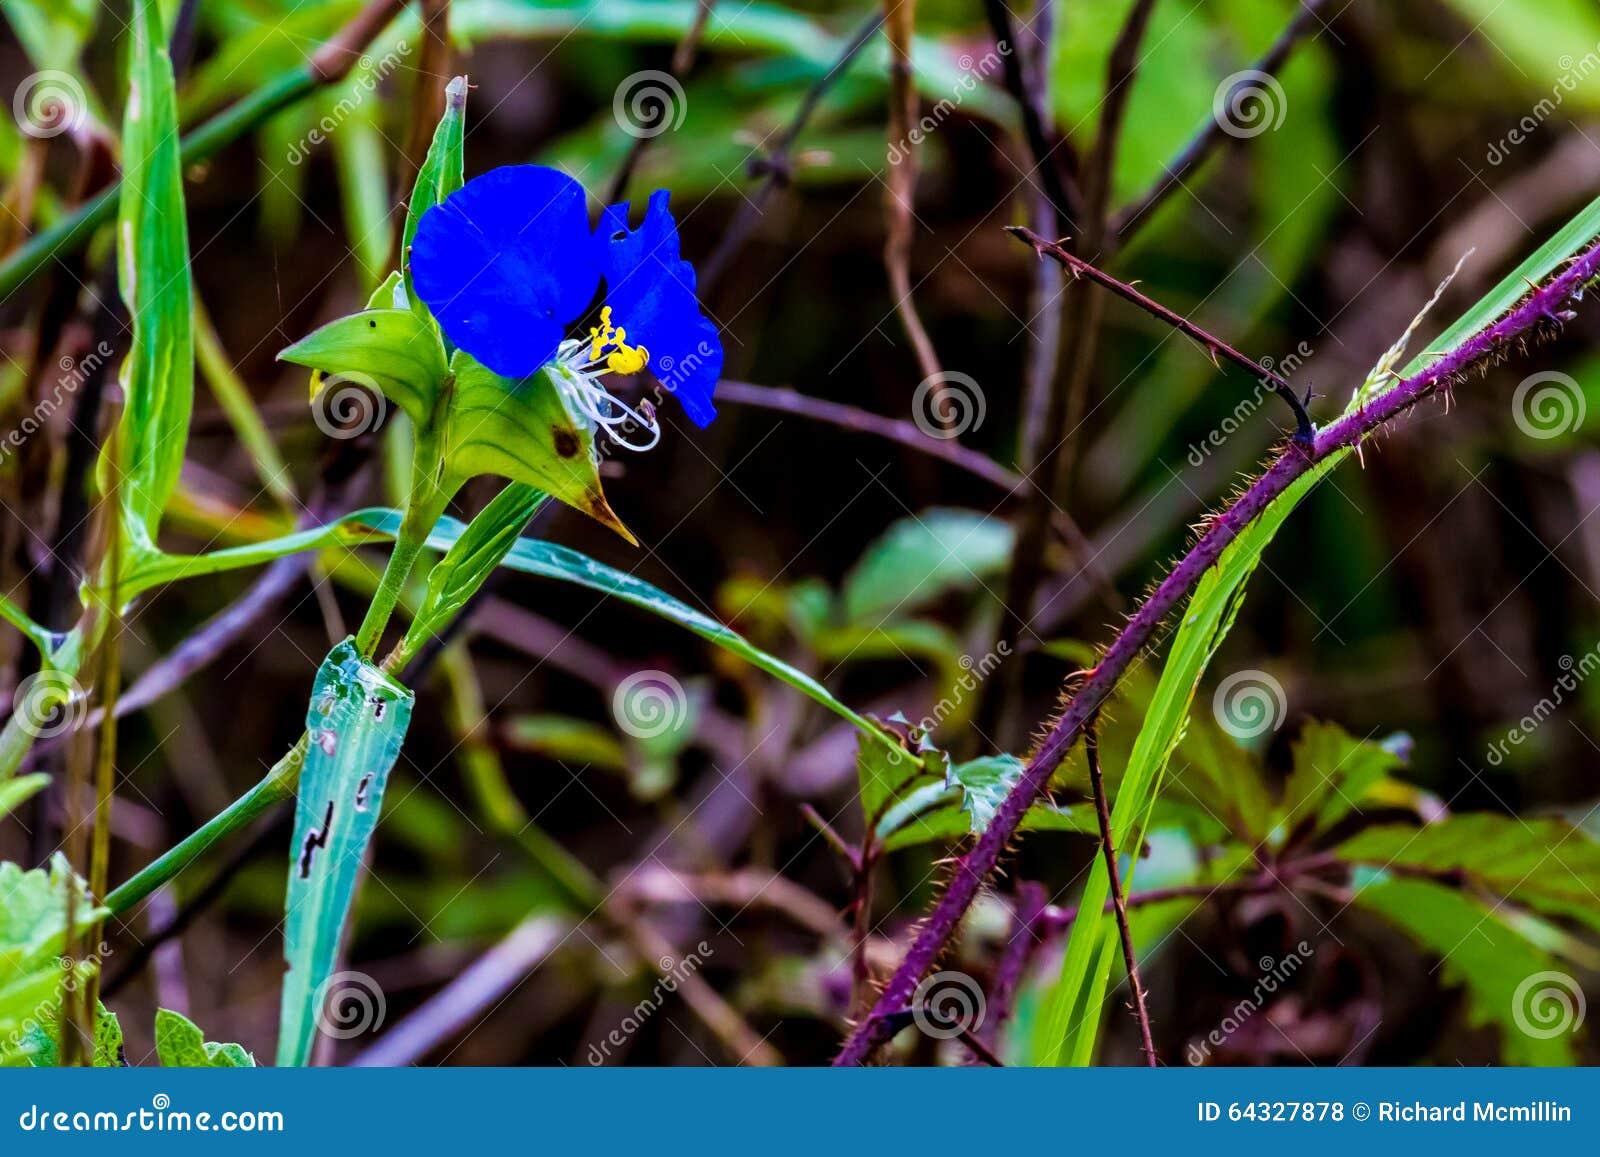 一种美丽的蓝色笔直鸭跖草